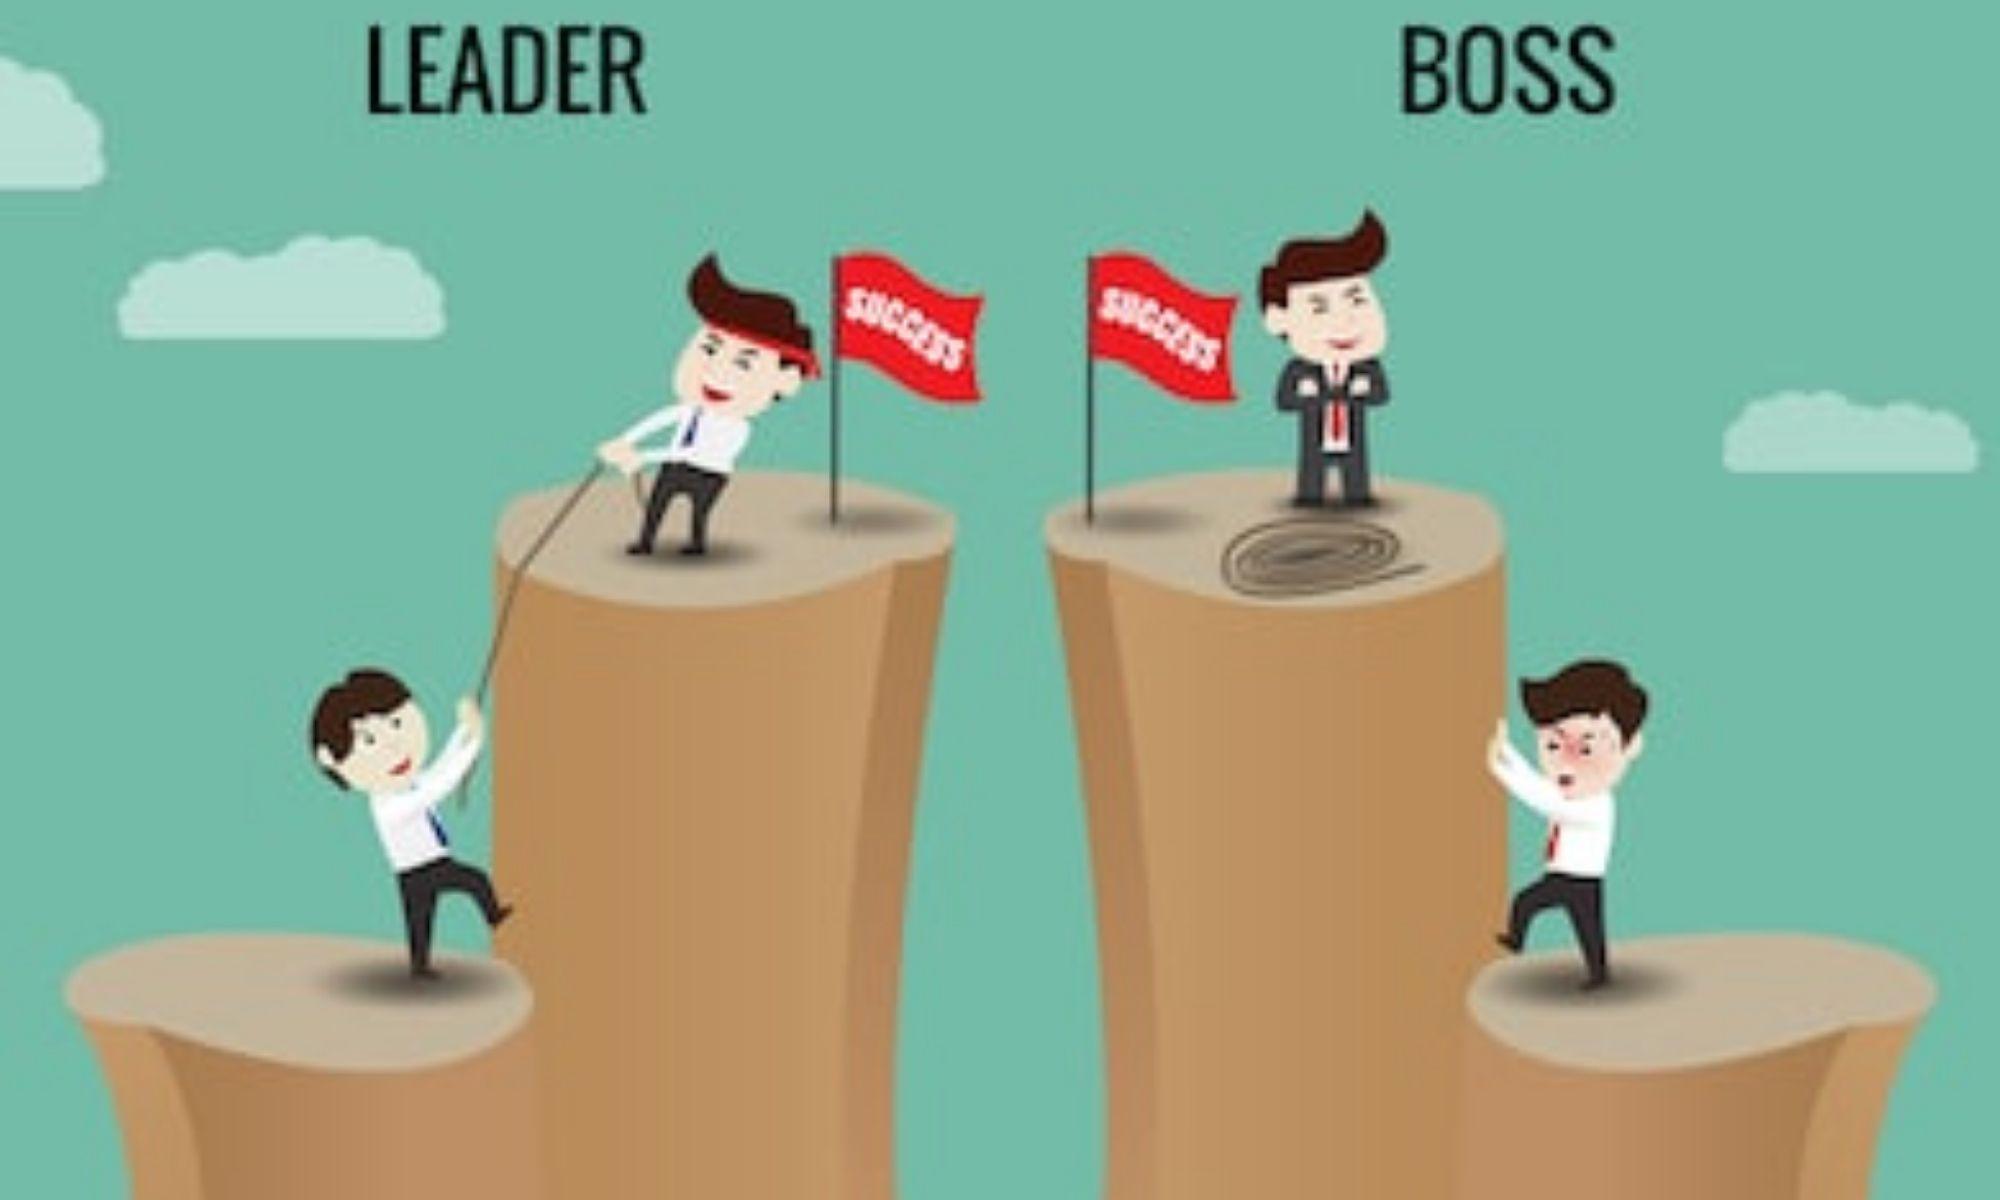 Качества лидера - список качеств, которыми он должен обладать